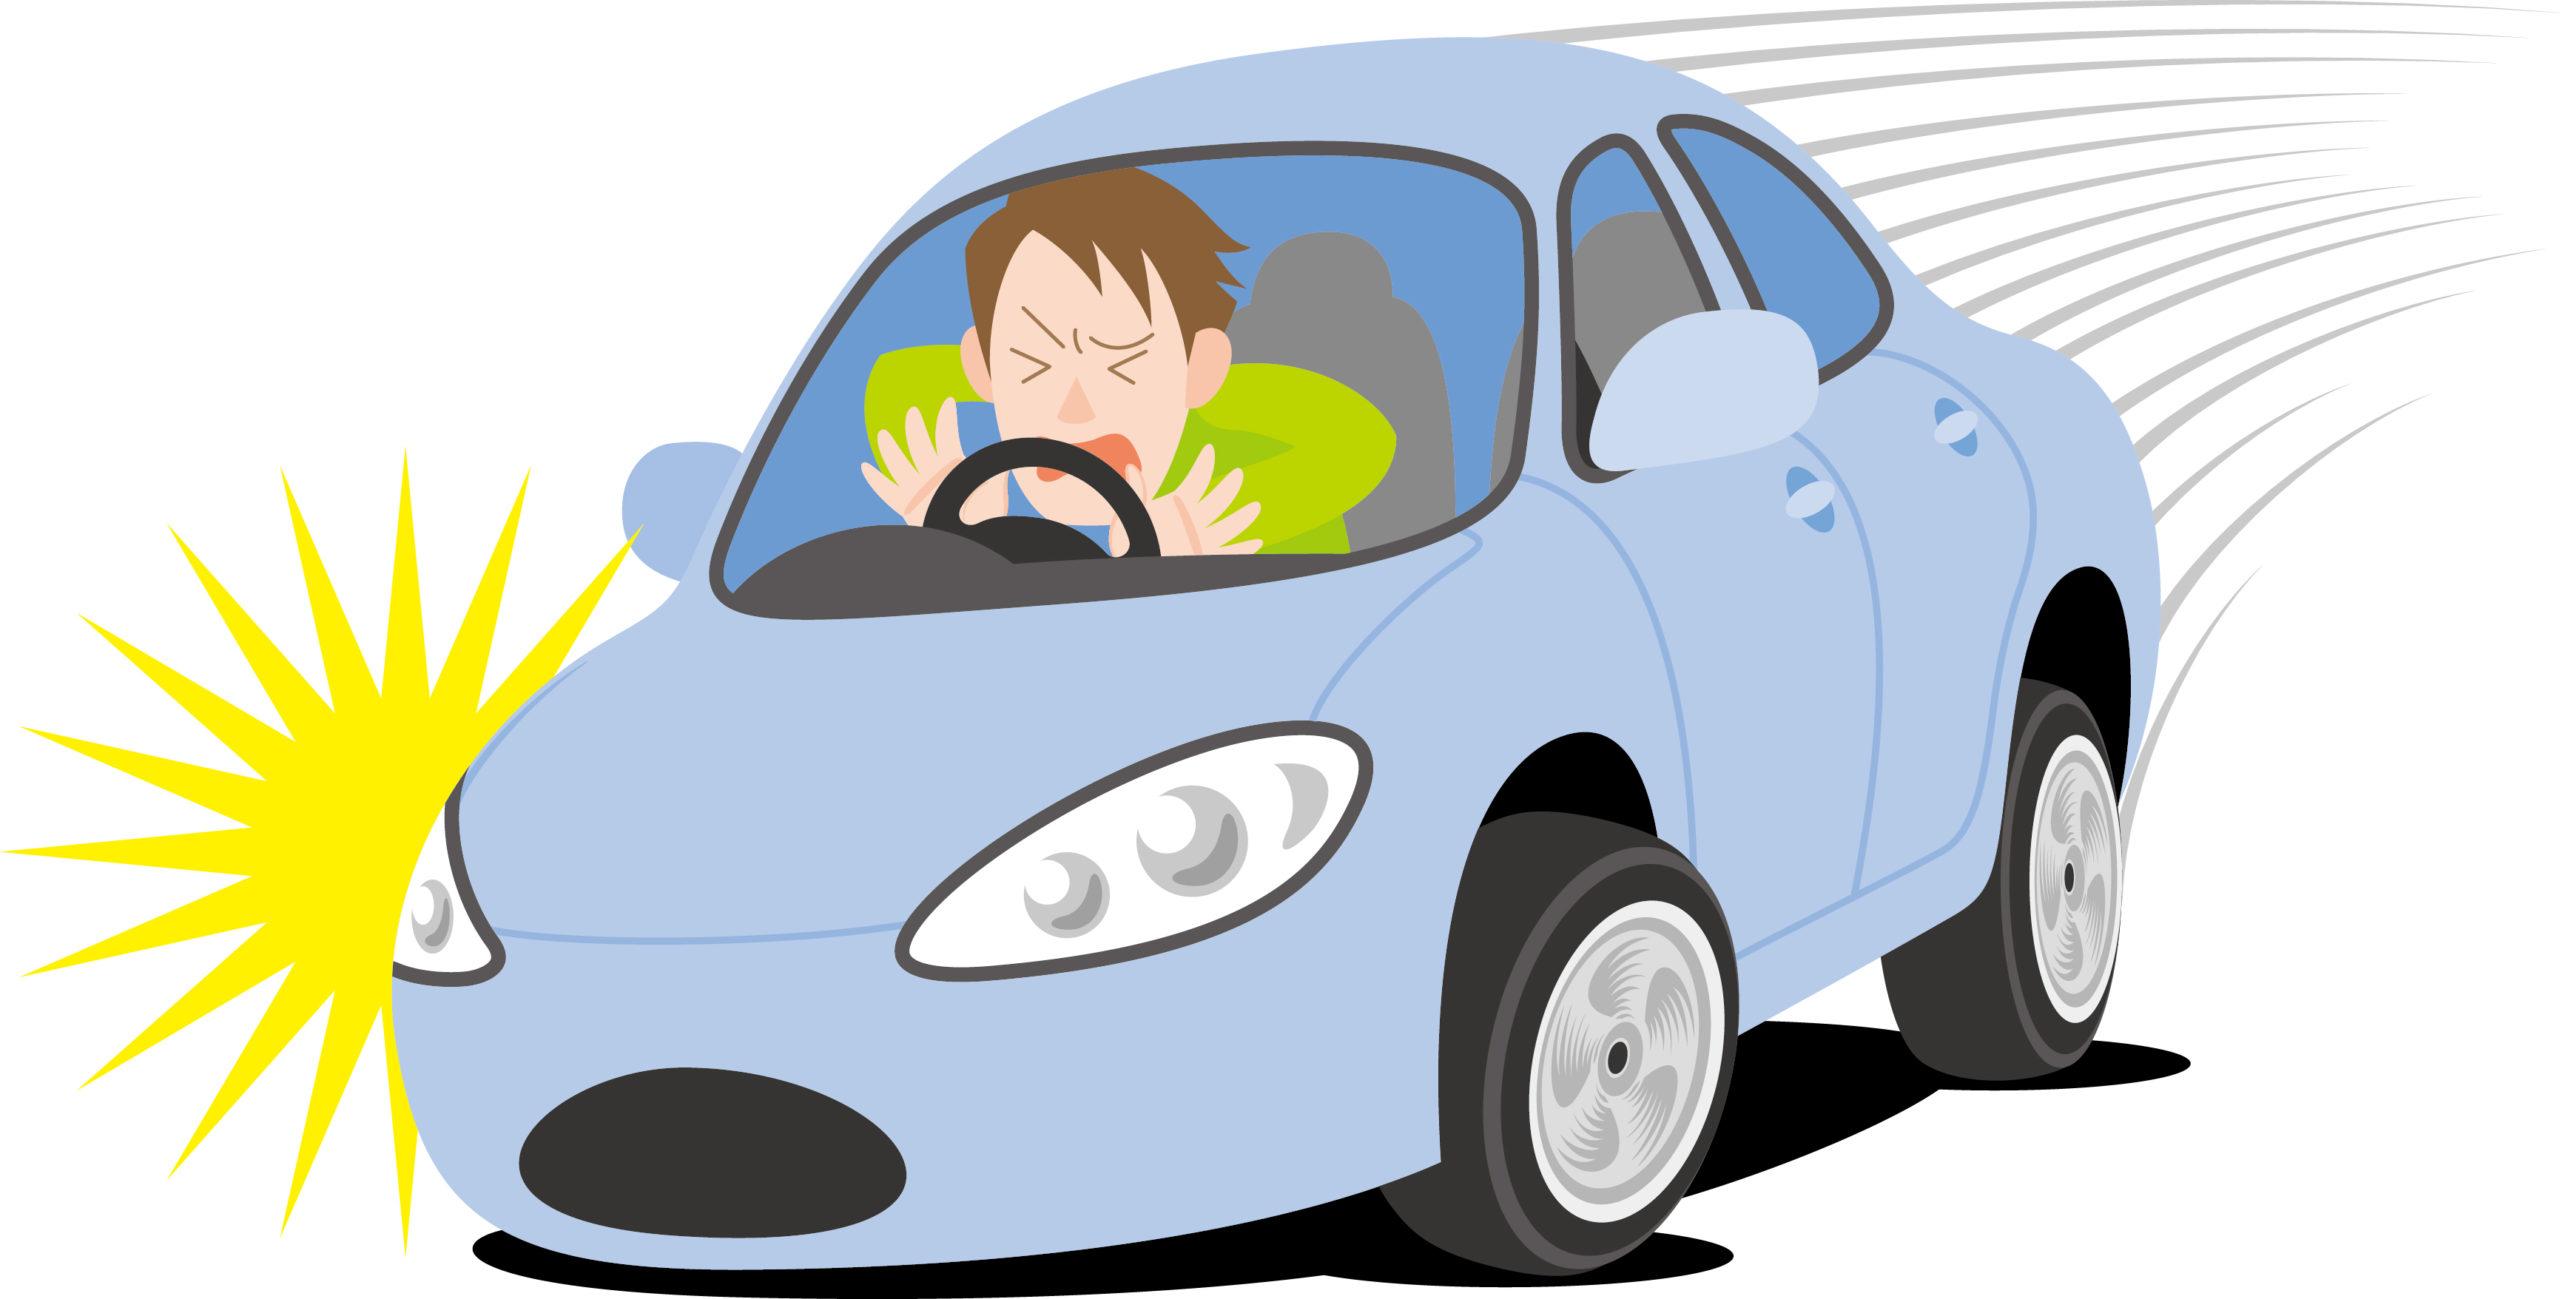 交通事故で弁護士に相談して、任せて後悔することもある??